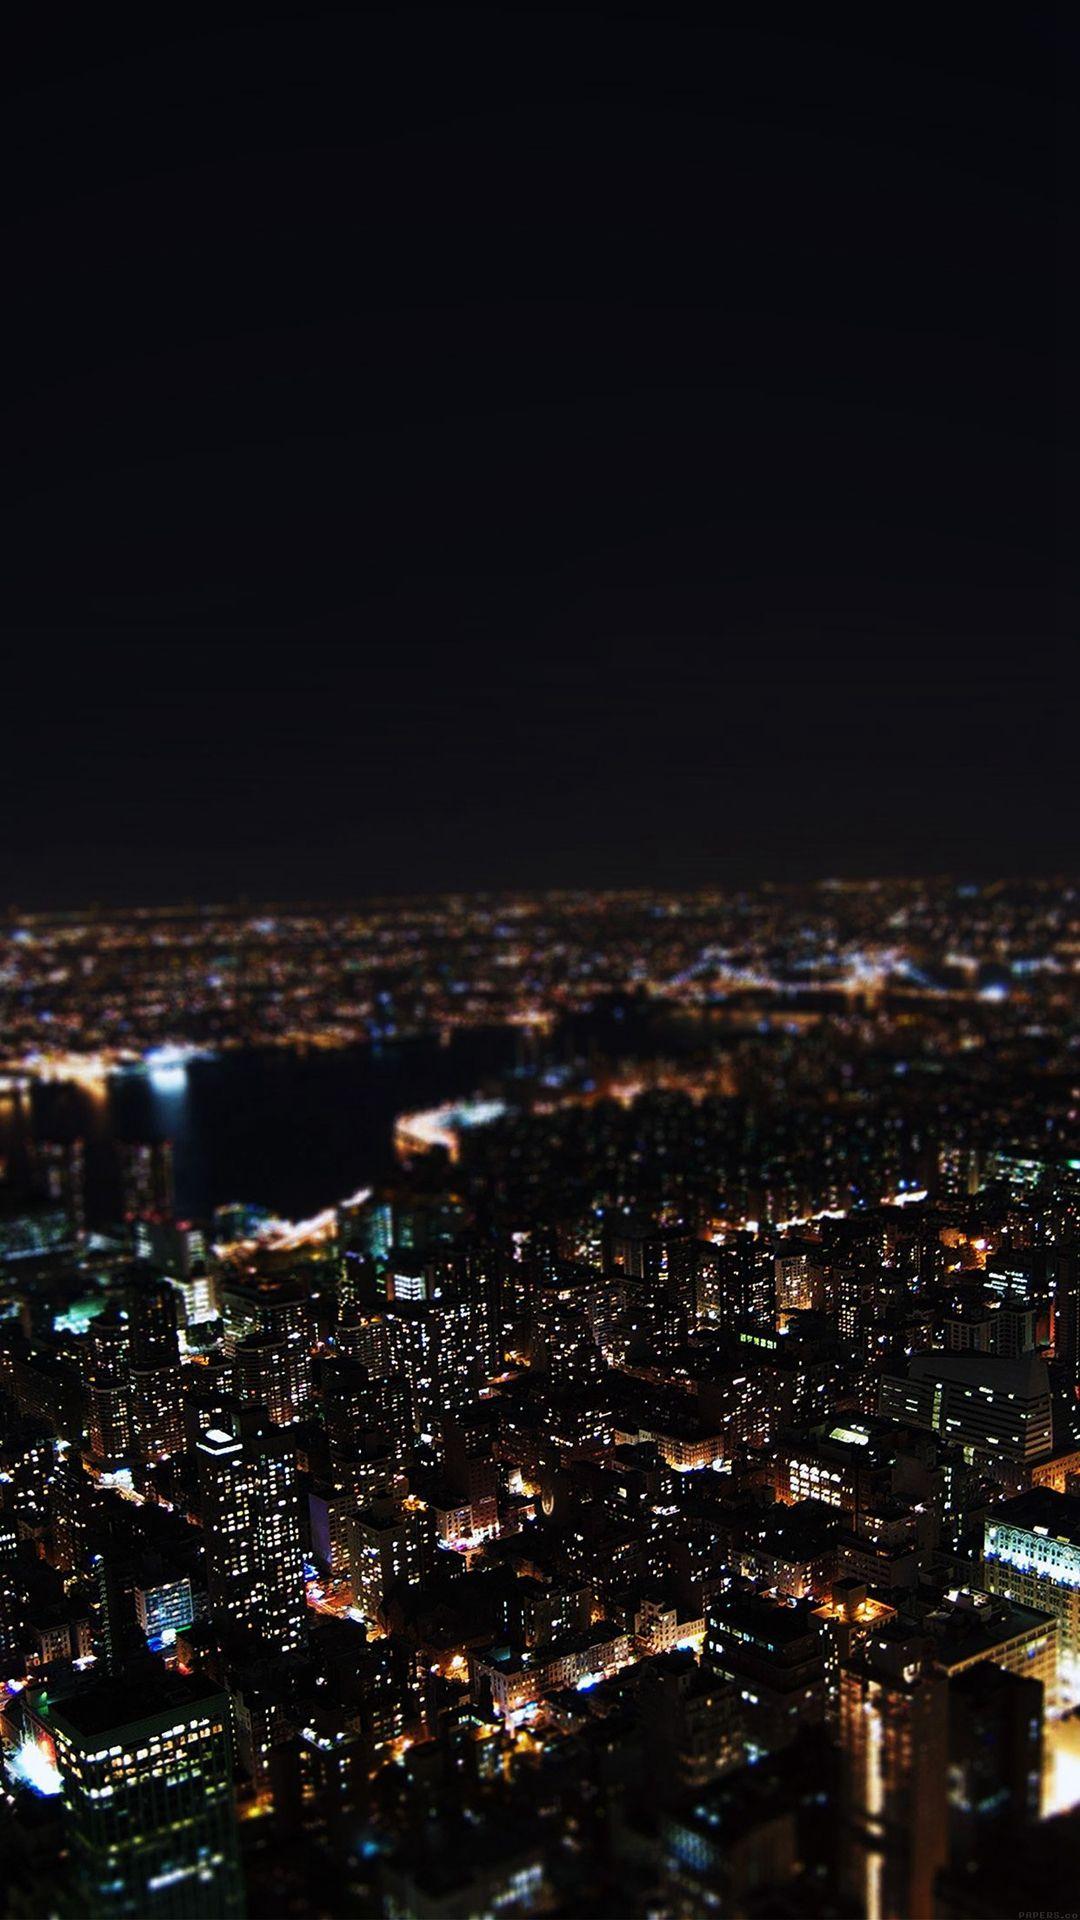 Dark Night City Building Skyview iPhone 6 wallpaper Apple in 1080x1920